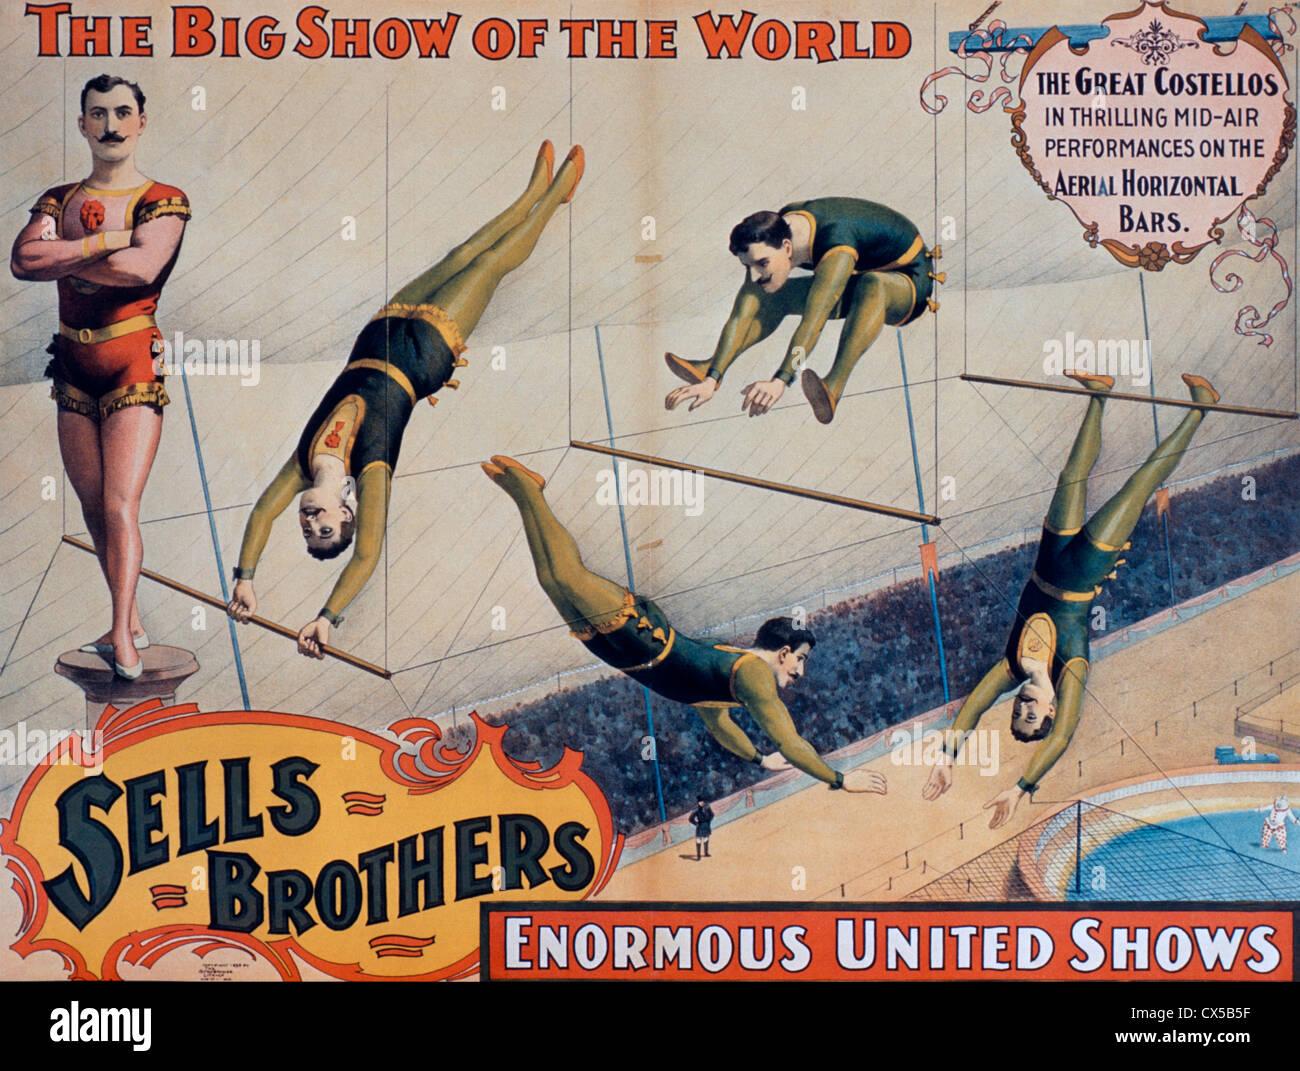 Vende Hermanos enormes Naciones muestra cartel, el Gran Costellos en emocionantes espectáculos Mid-Air en la Imagen De Stock